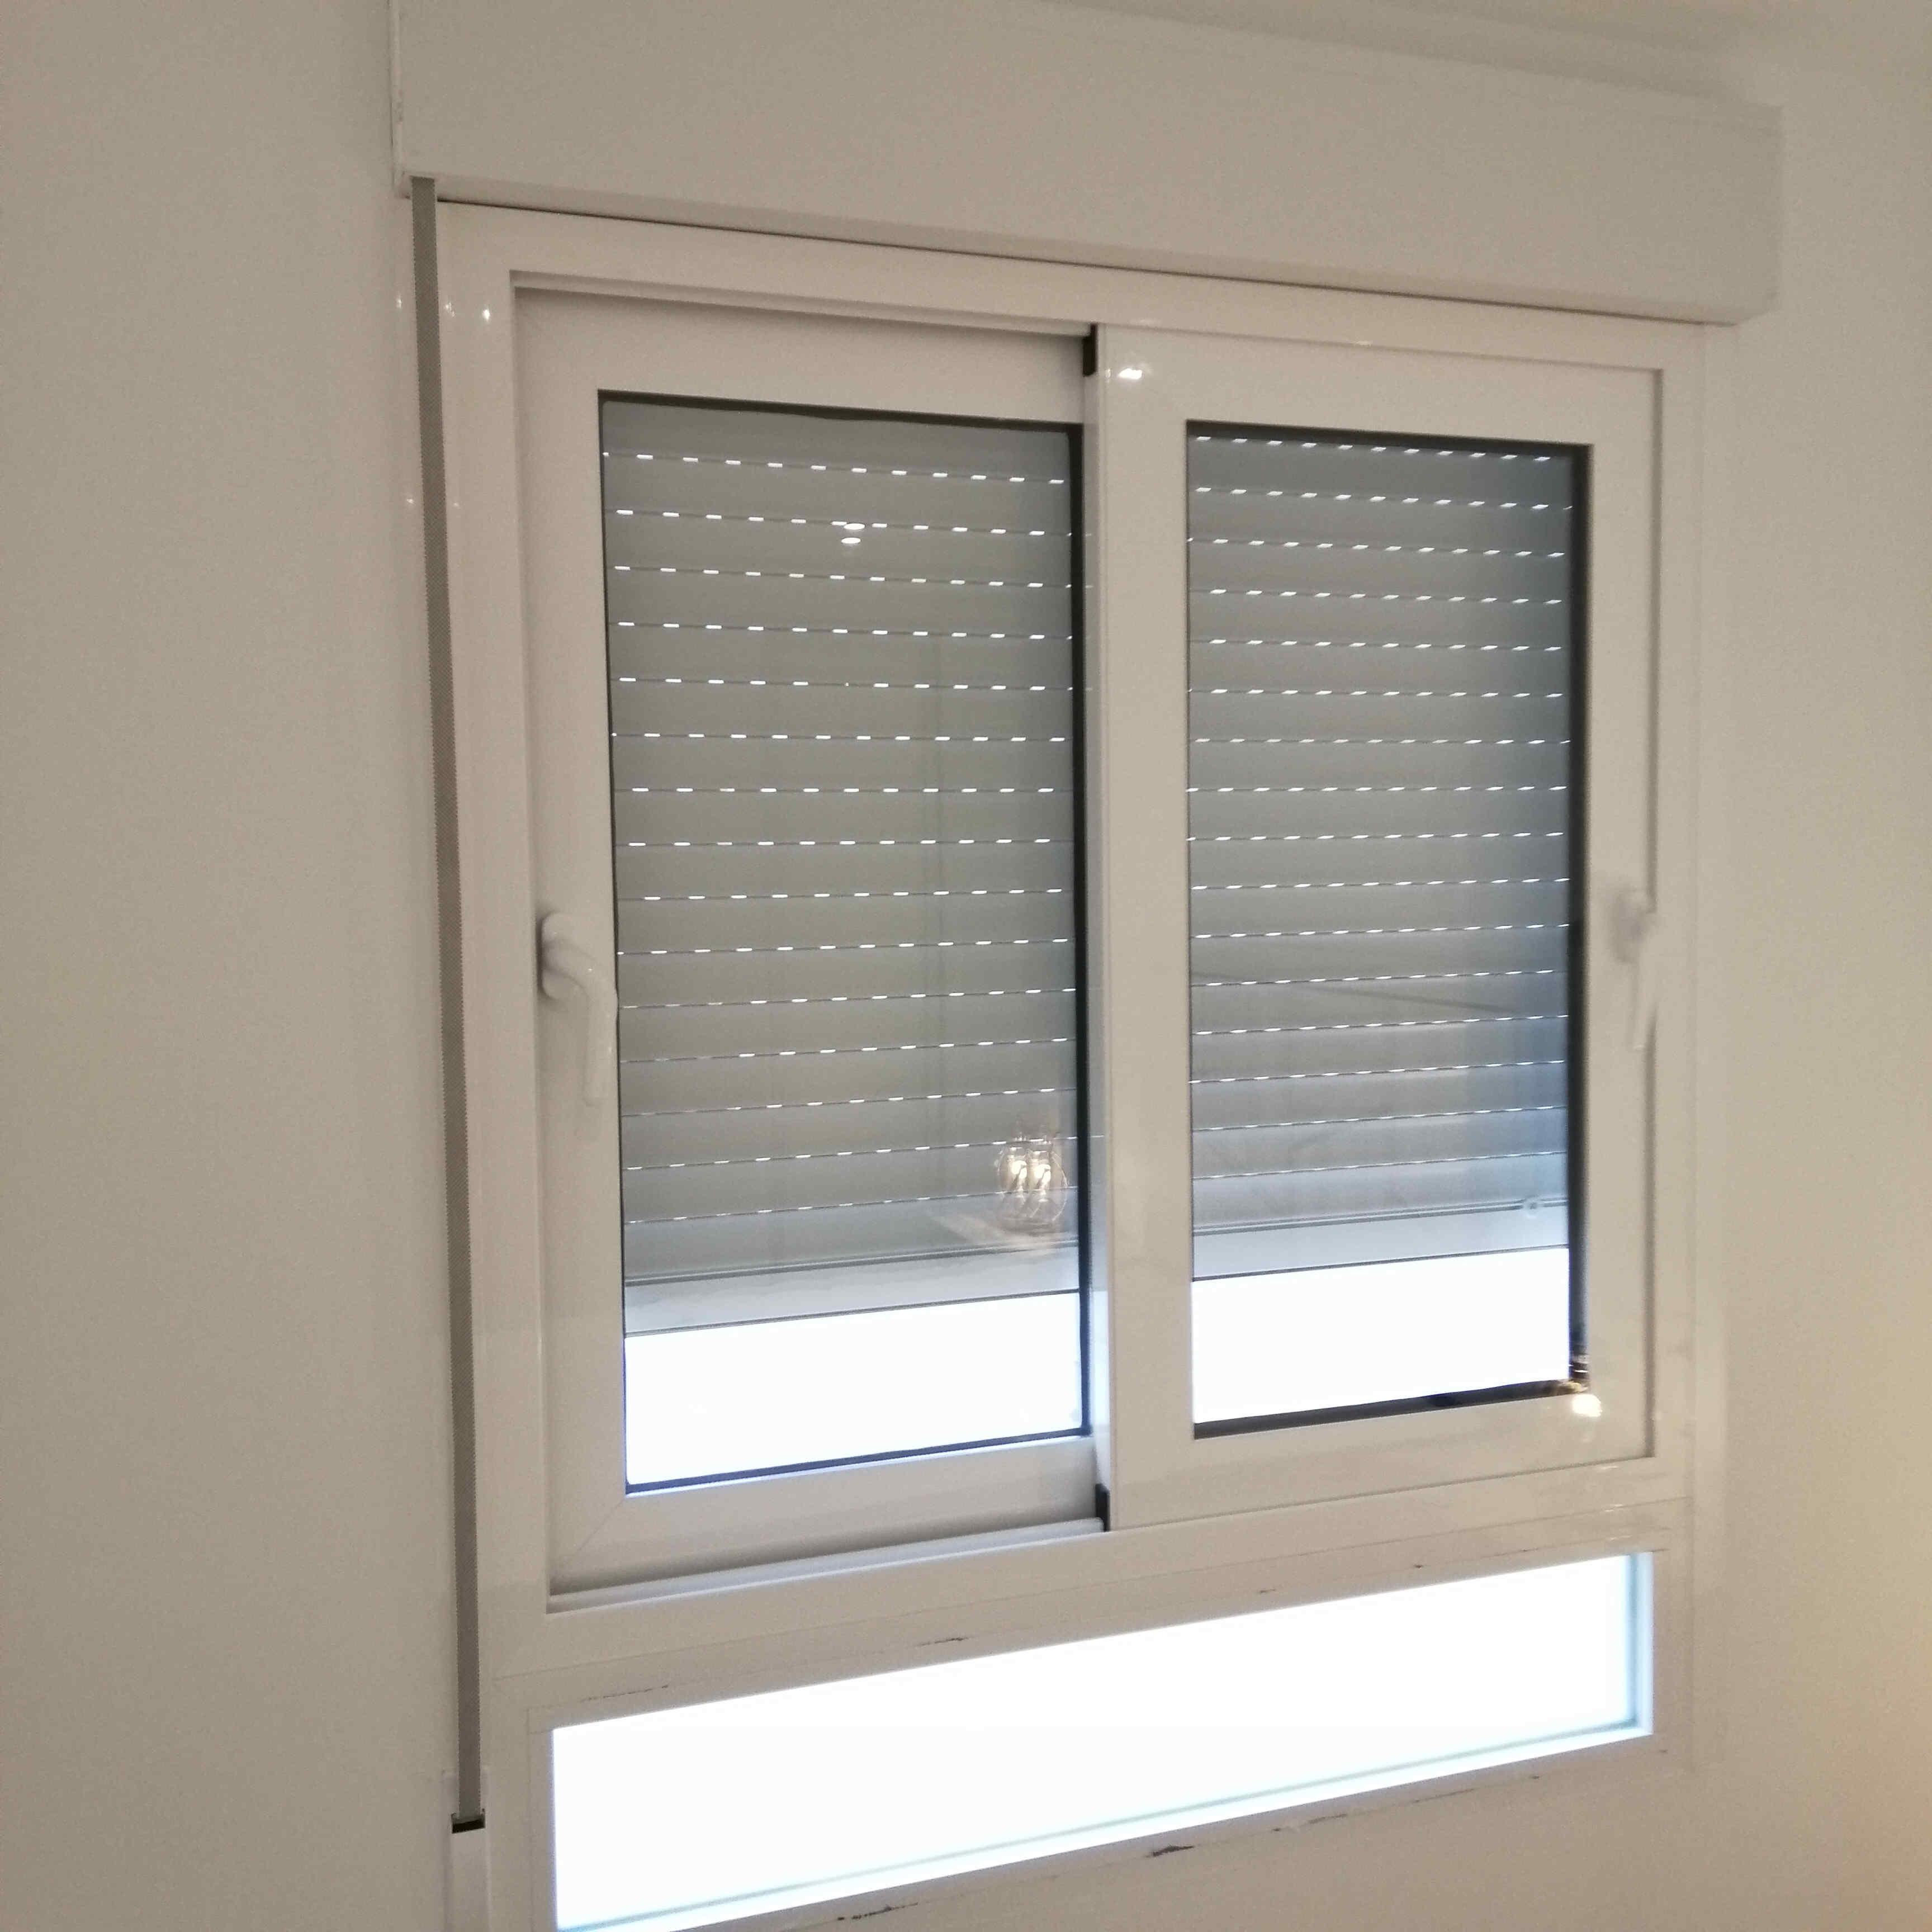 ventana-de-aluminio-rotura-de-puente-termico-torrevieja-orihuela